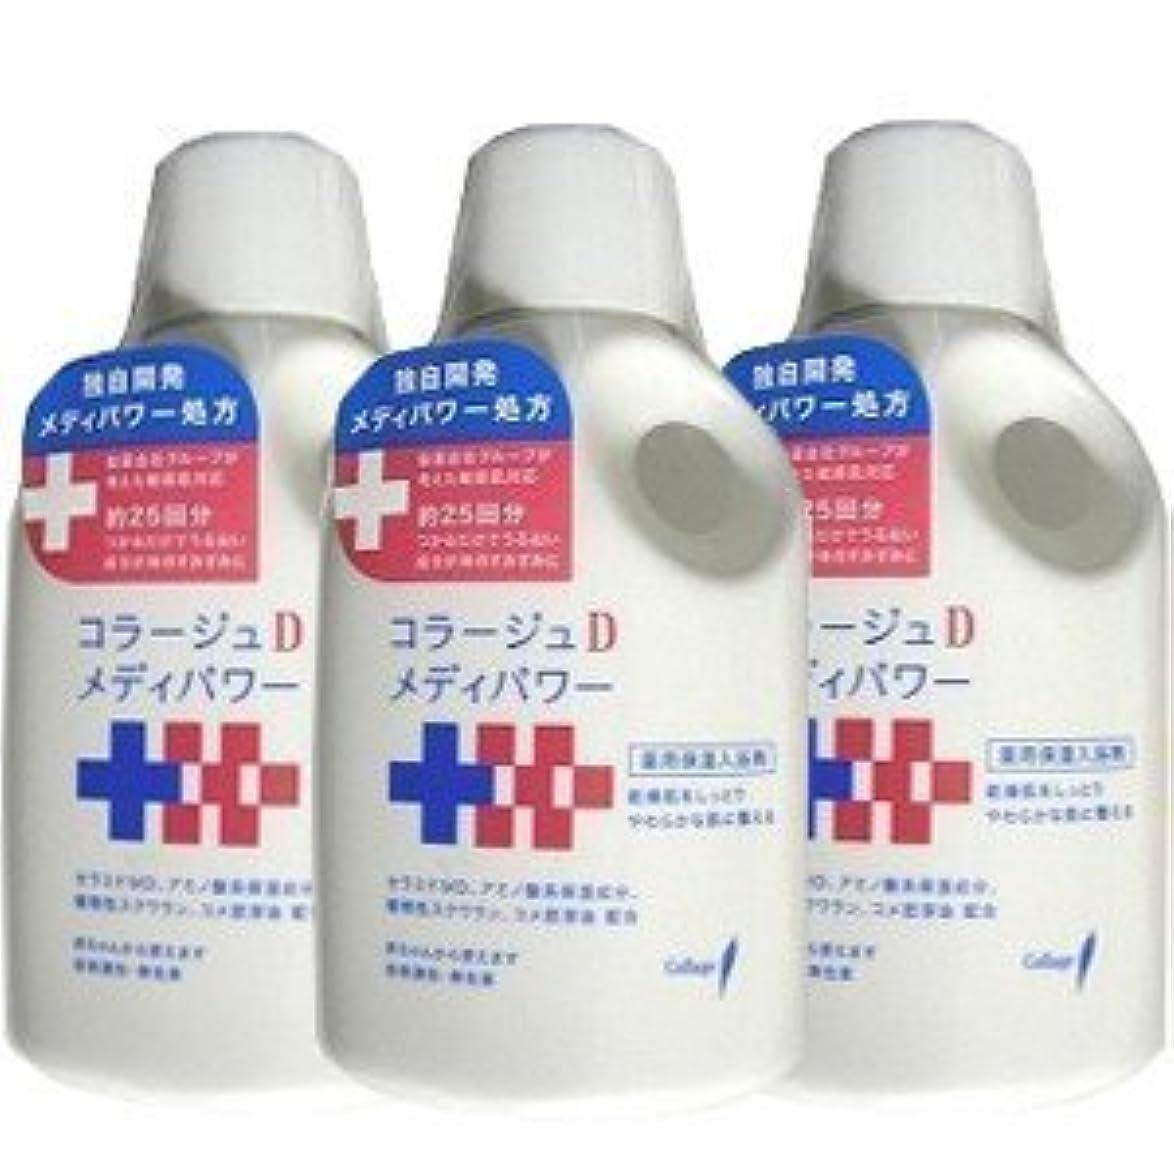 服を洗う慈善顕著【3本】コラージュD メディパワー保湿入浴剤 500mlx3本